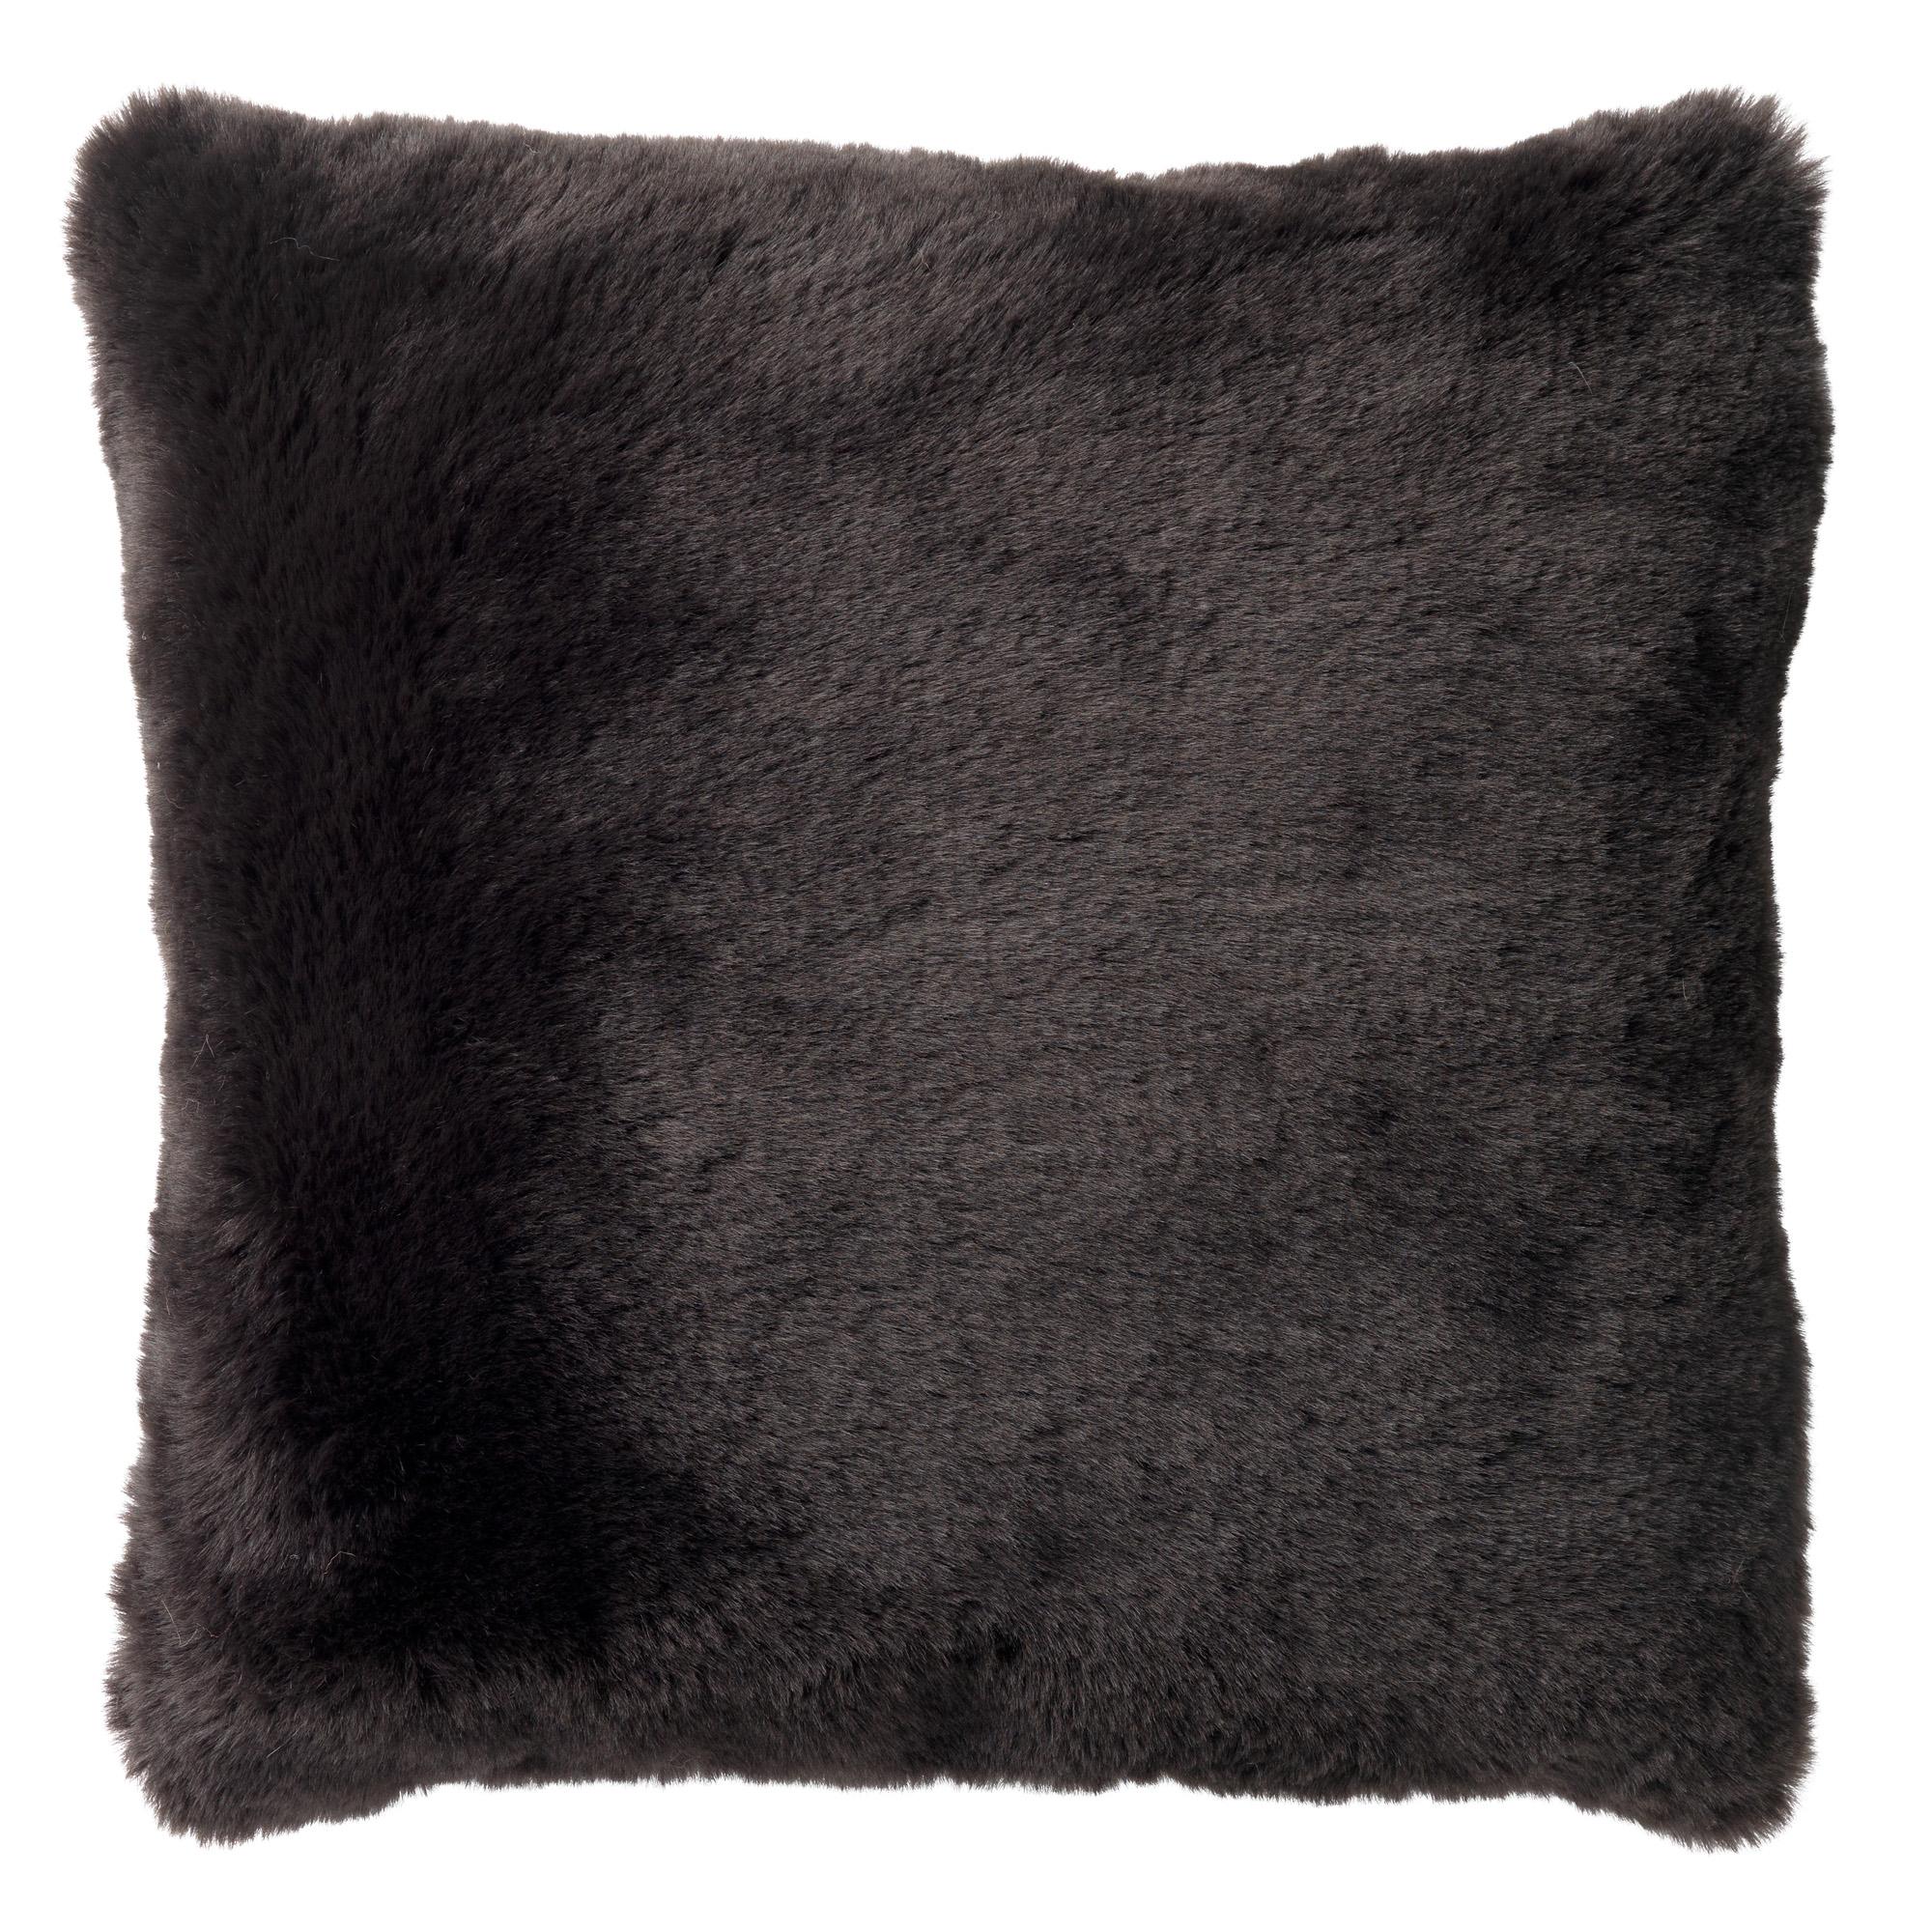 coussin imitation fourrure Noir 45x45